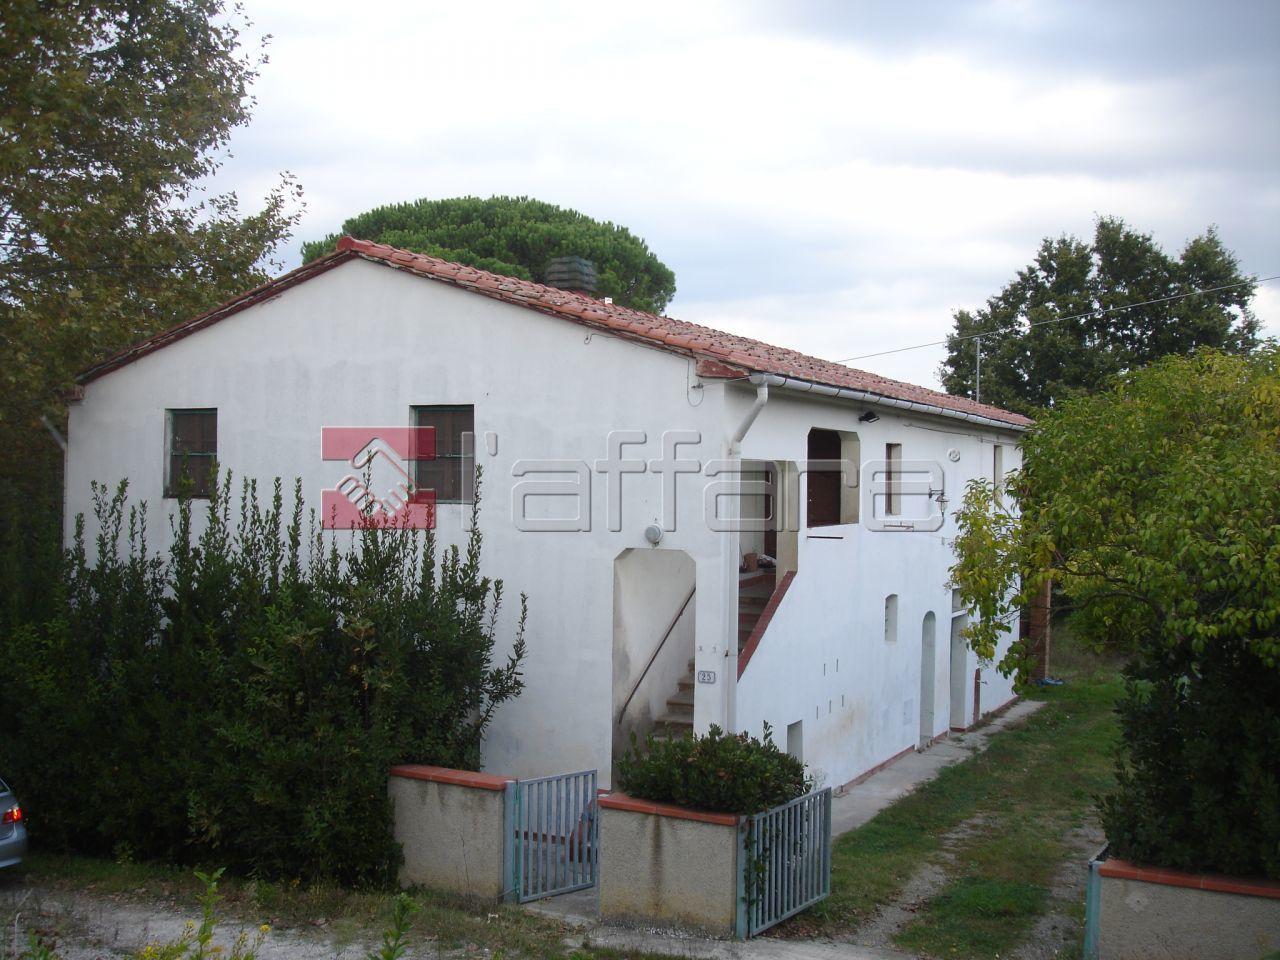 Rustico / Casale in vendita a Capannoli, 6 locali, prezzo € 250.000 | CambioCasa.it